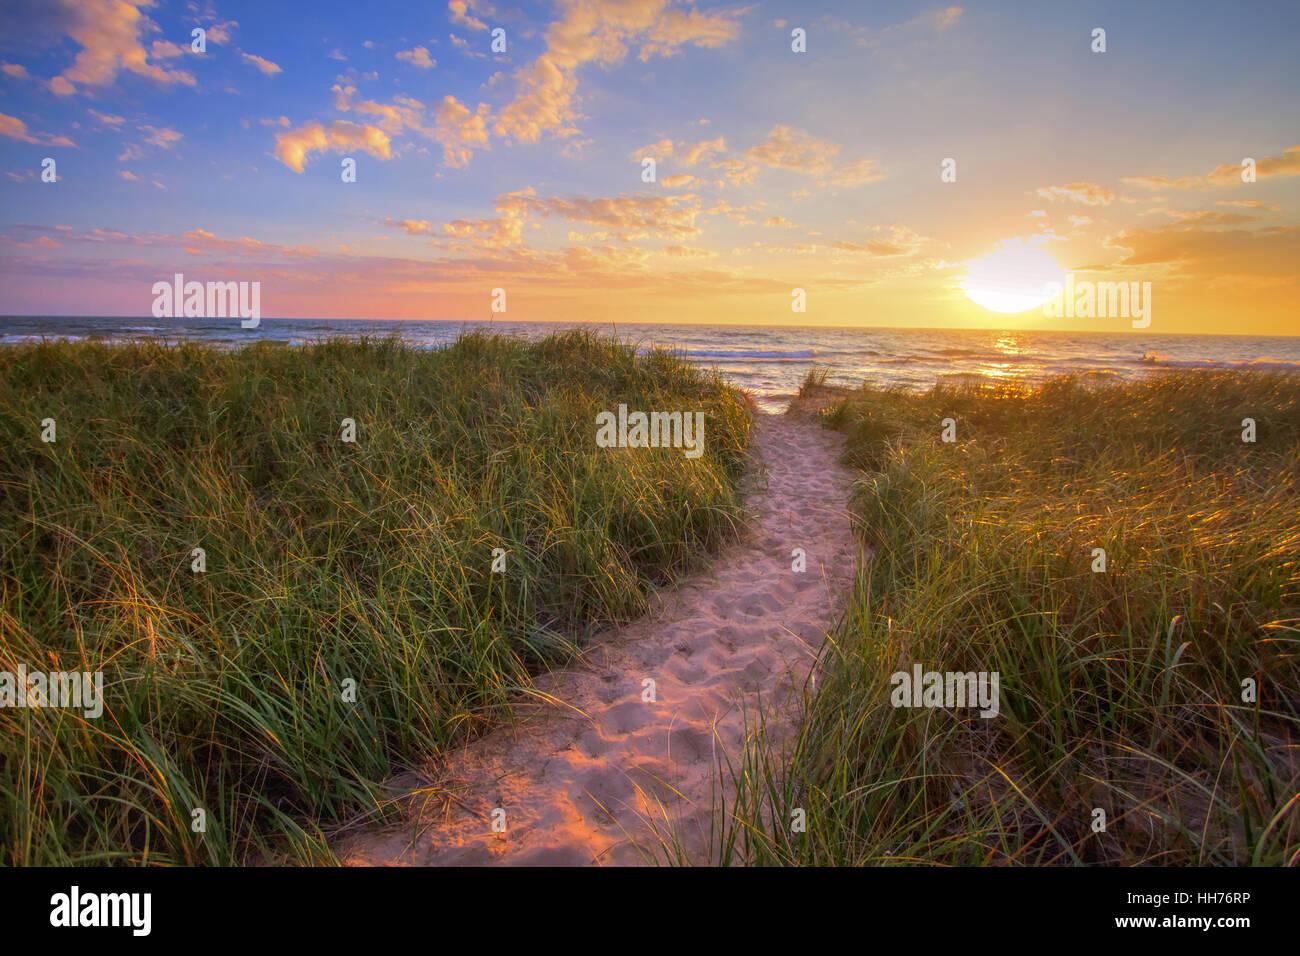 Pfad zu einem Sonnenuntergang-Strand. Serpentinen durch Dünengras führt zu einem Sonnenuntergang Strand Stockbild